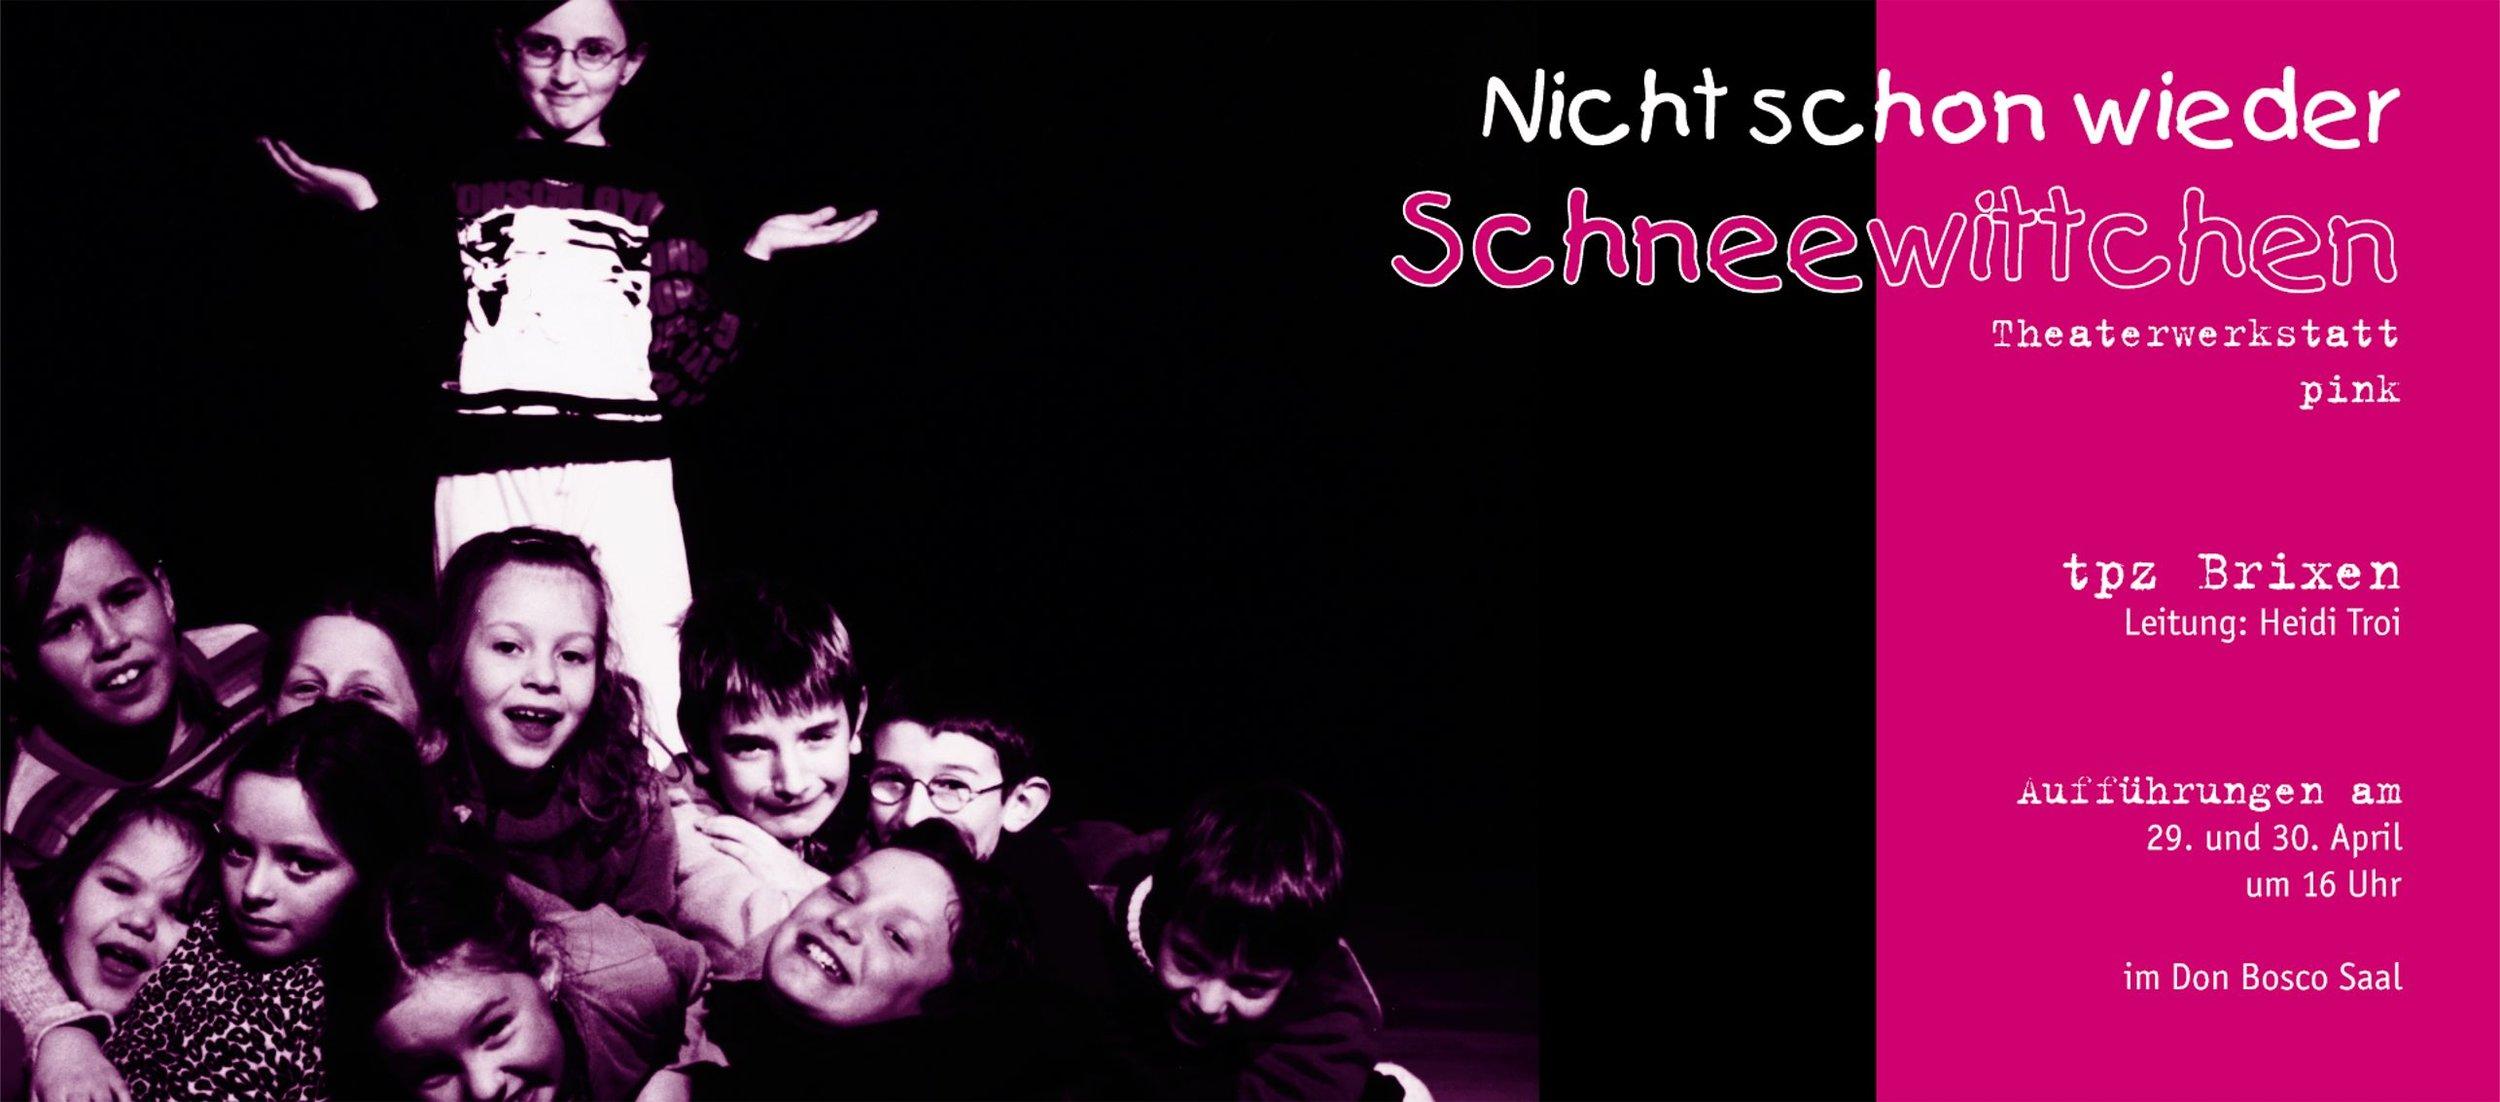 2005 pink Nicht schon wieder Schneewittchen Plakat.jpg